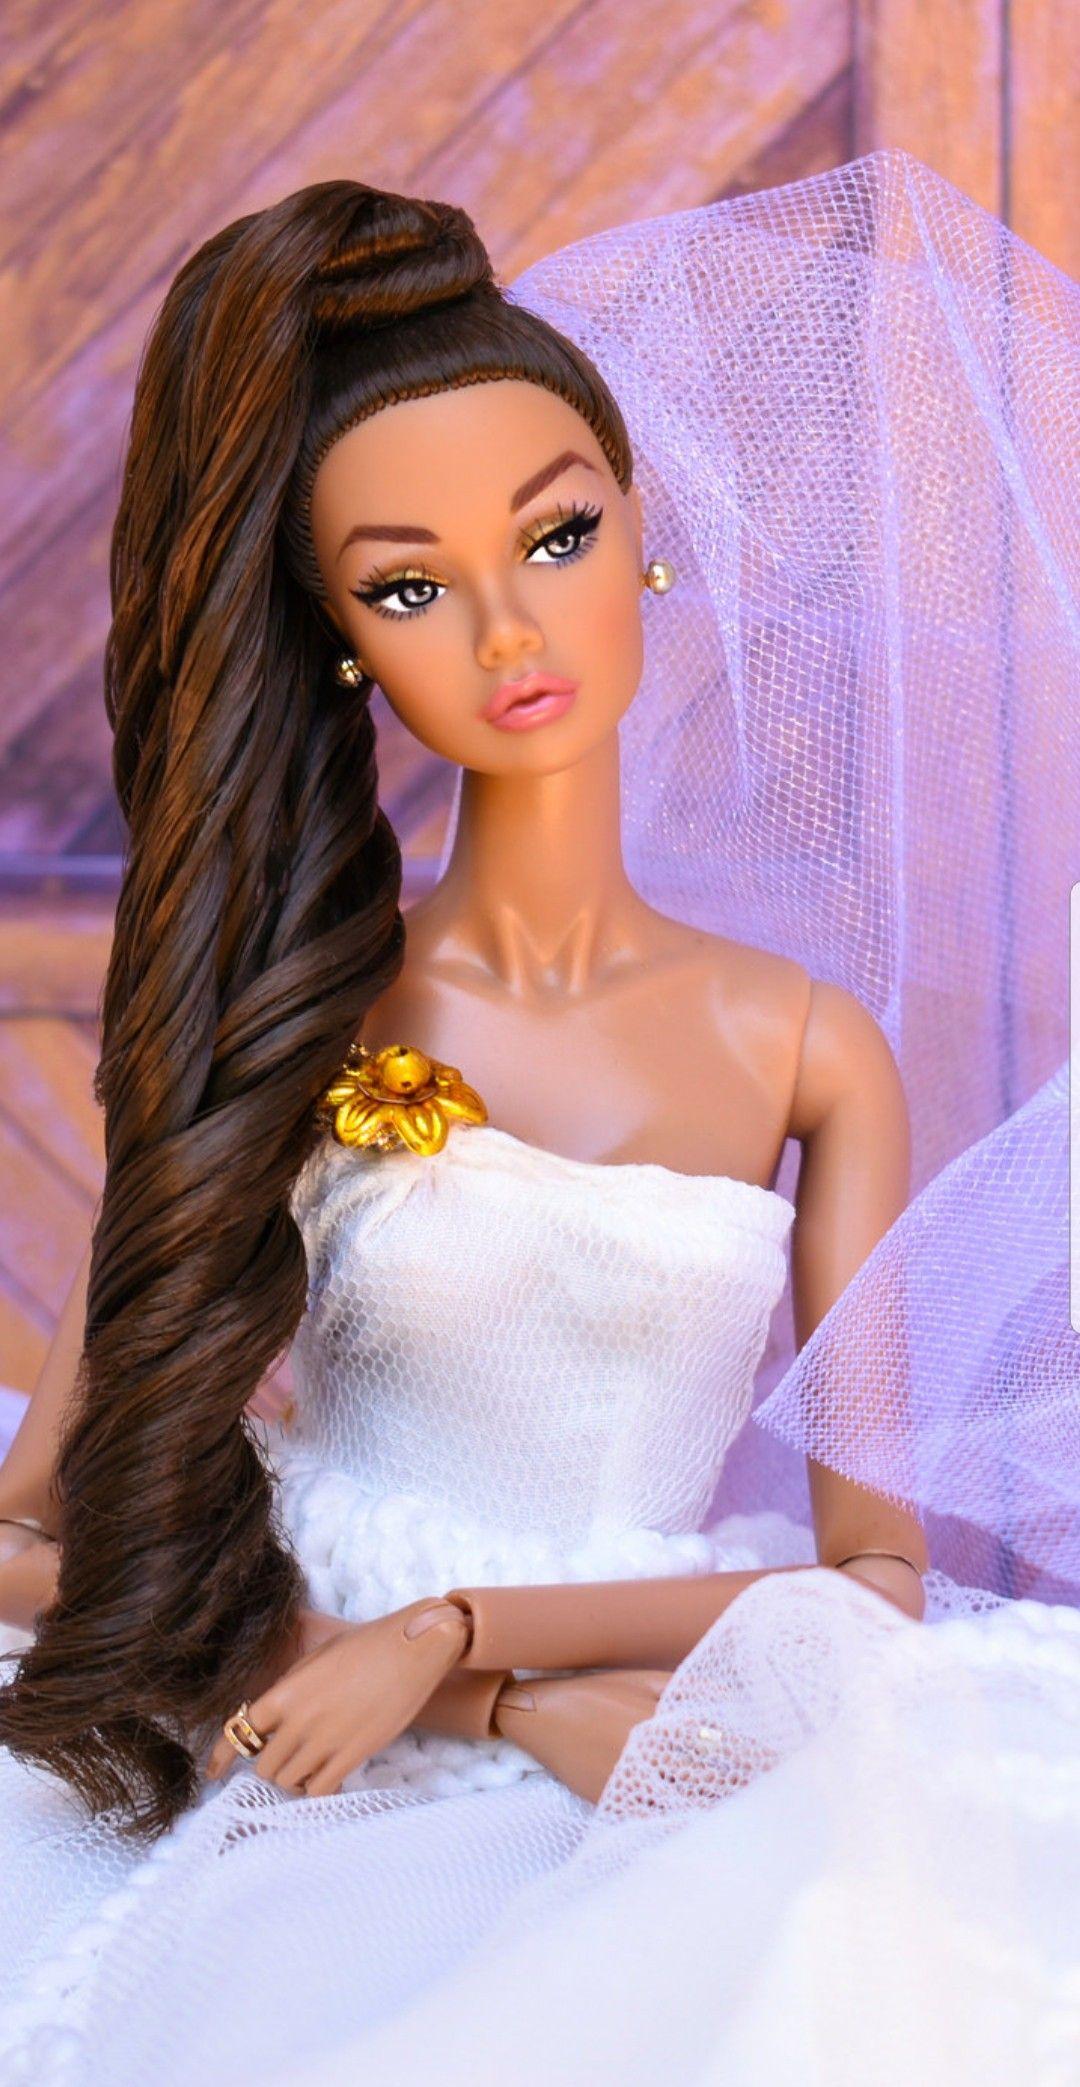 Vintage Michele Malpica Theresa Bride Wedding 27 Doll Artist Original Sign OOAK Künstler- & handgemachte Puppen Puppen & Zubehör